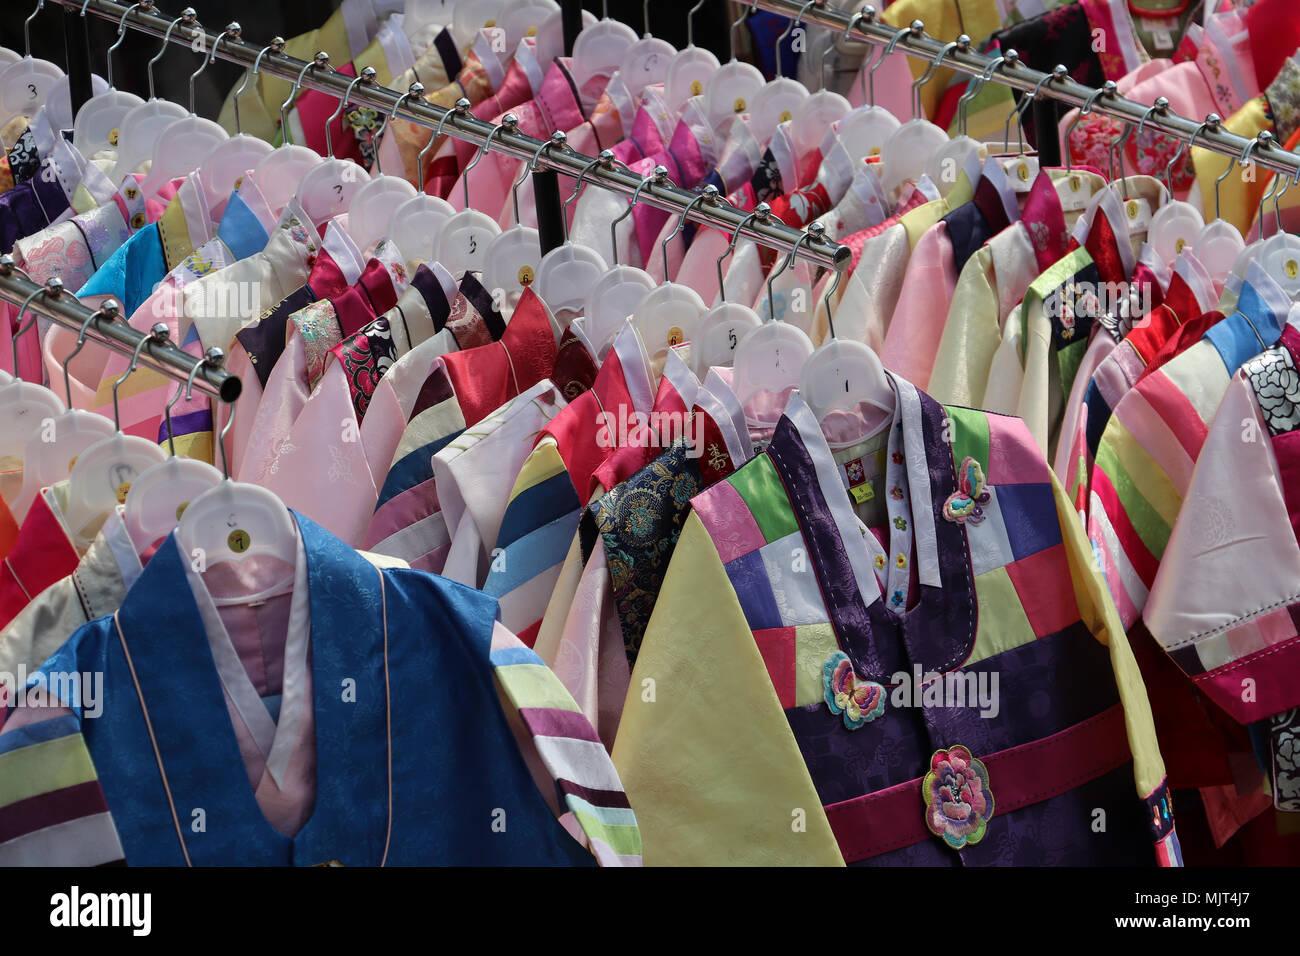 Colorida ropa infantil colgando de los racks en frente de una tienda en Seúl, Corea del Sur. Estas pequeñas chaquetas cosidas de muchas telas de colores. Imagen De Stock